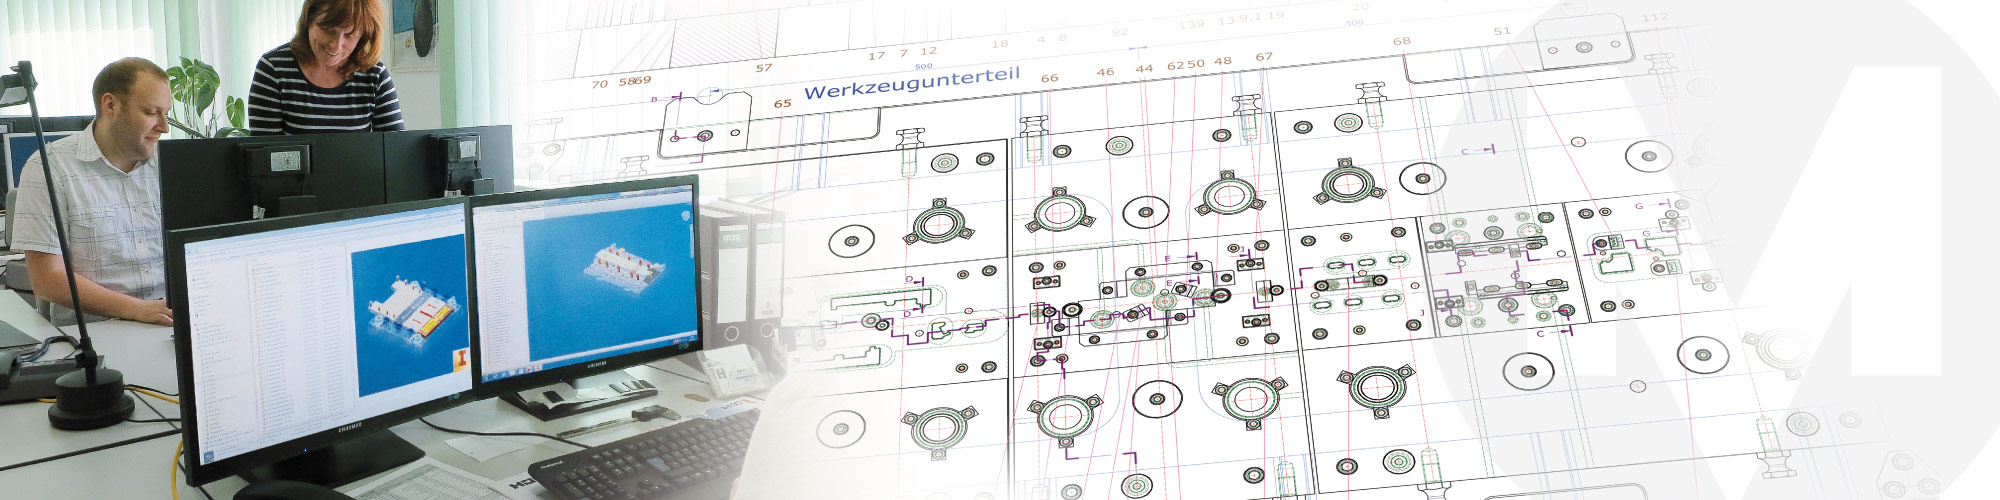 Entwicklung und Konstruktion